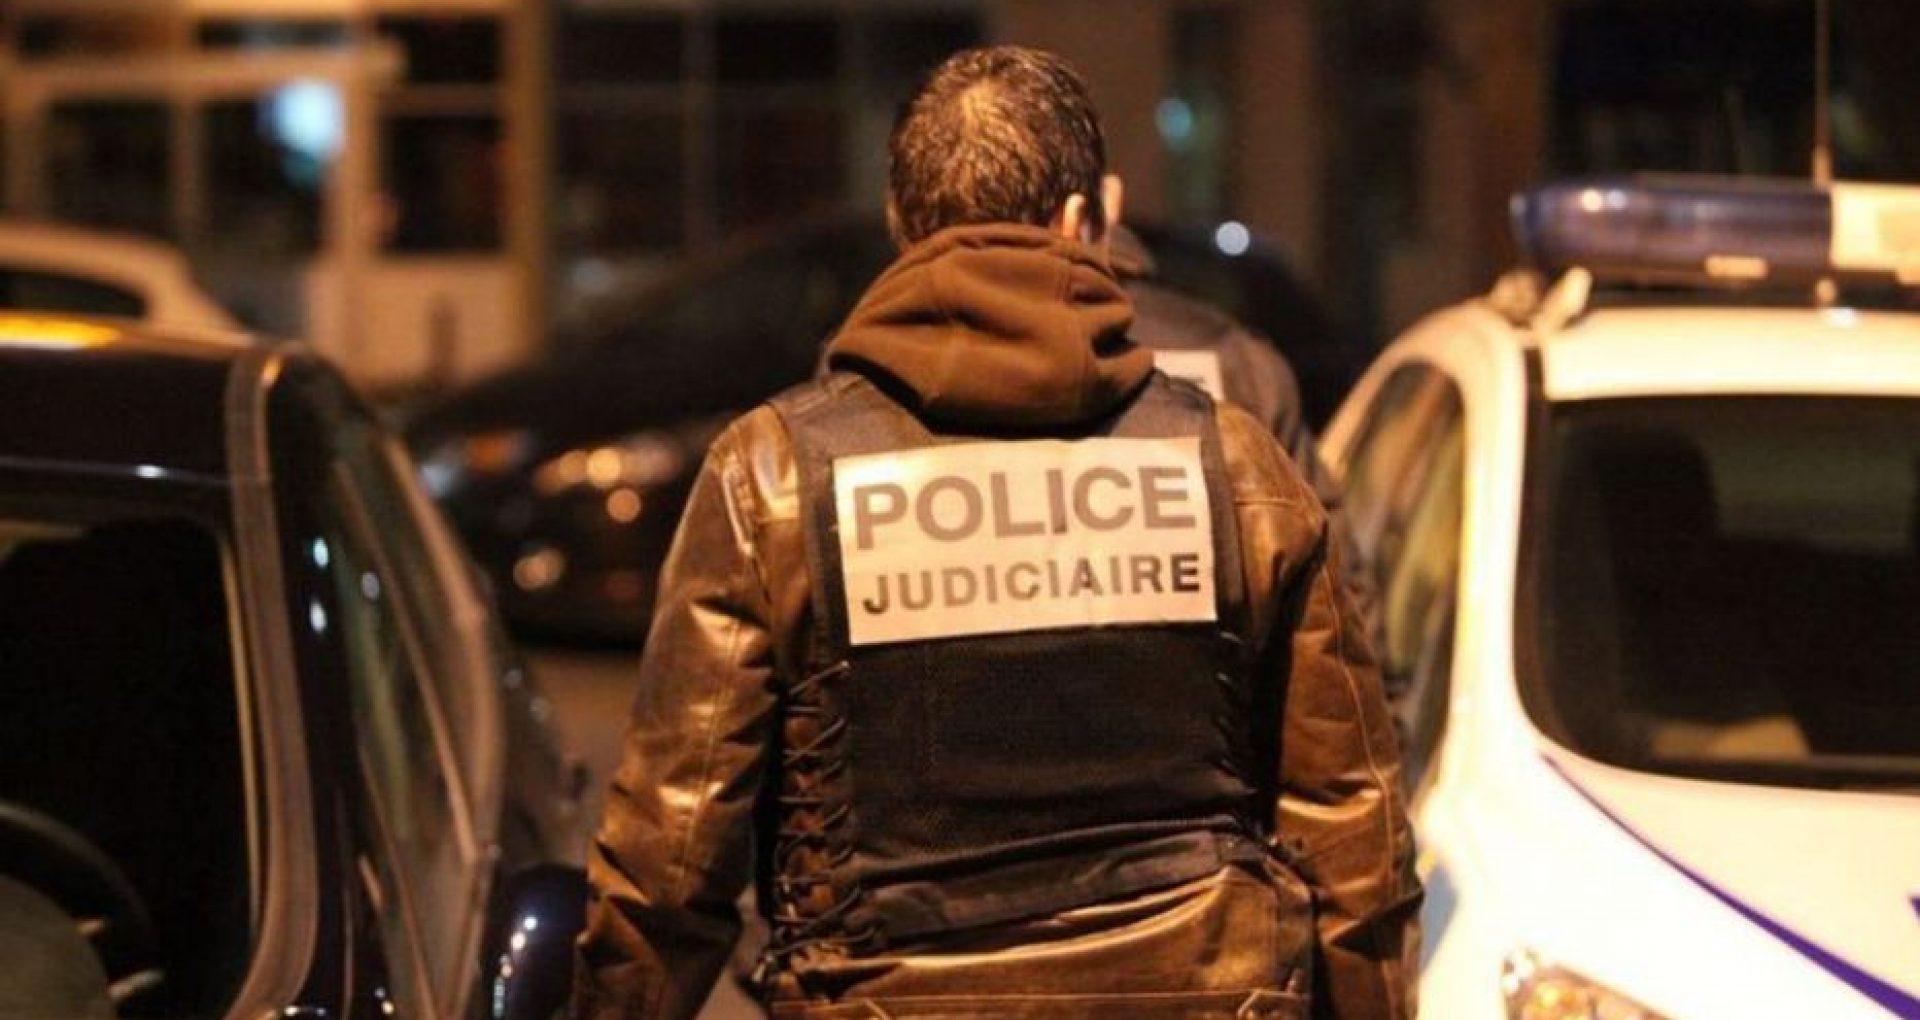 Trei moldoveni, acuzați de crimă în Franța. Aceștia sunt suspectați că ar fi bătut până la moarte un om fără adăpost